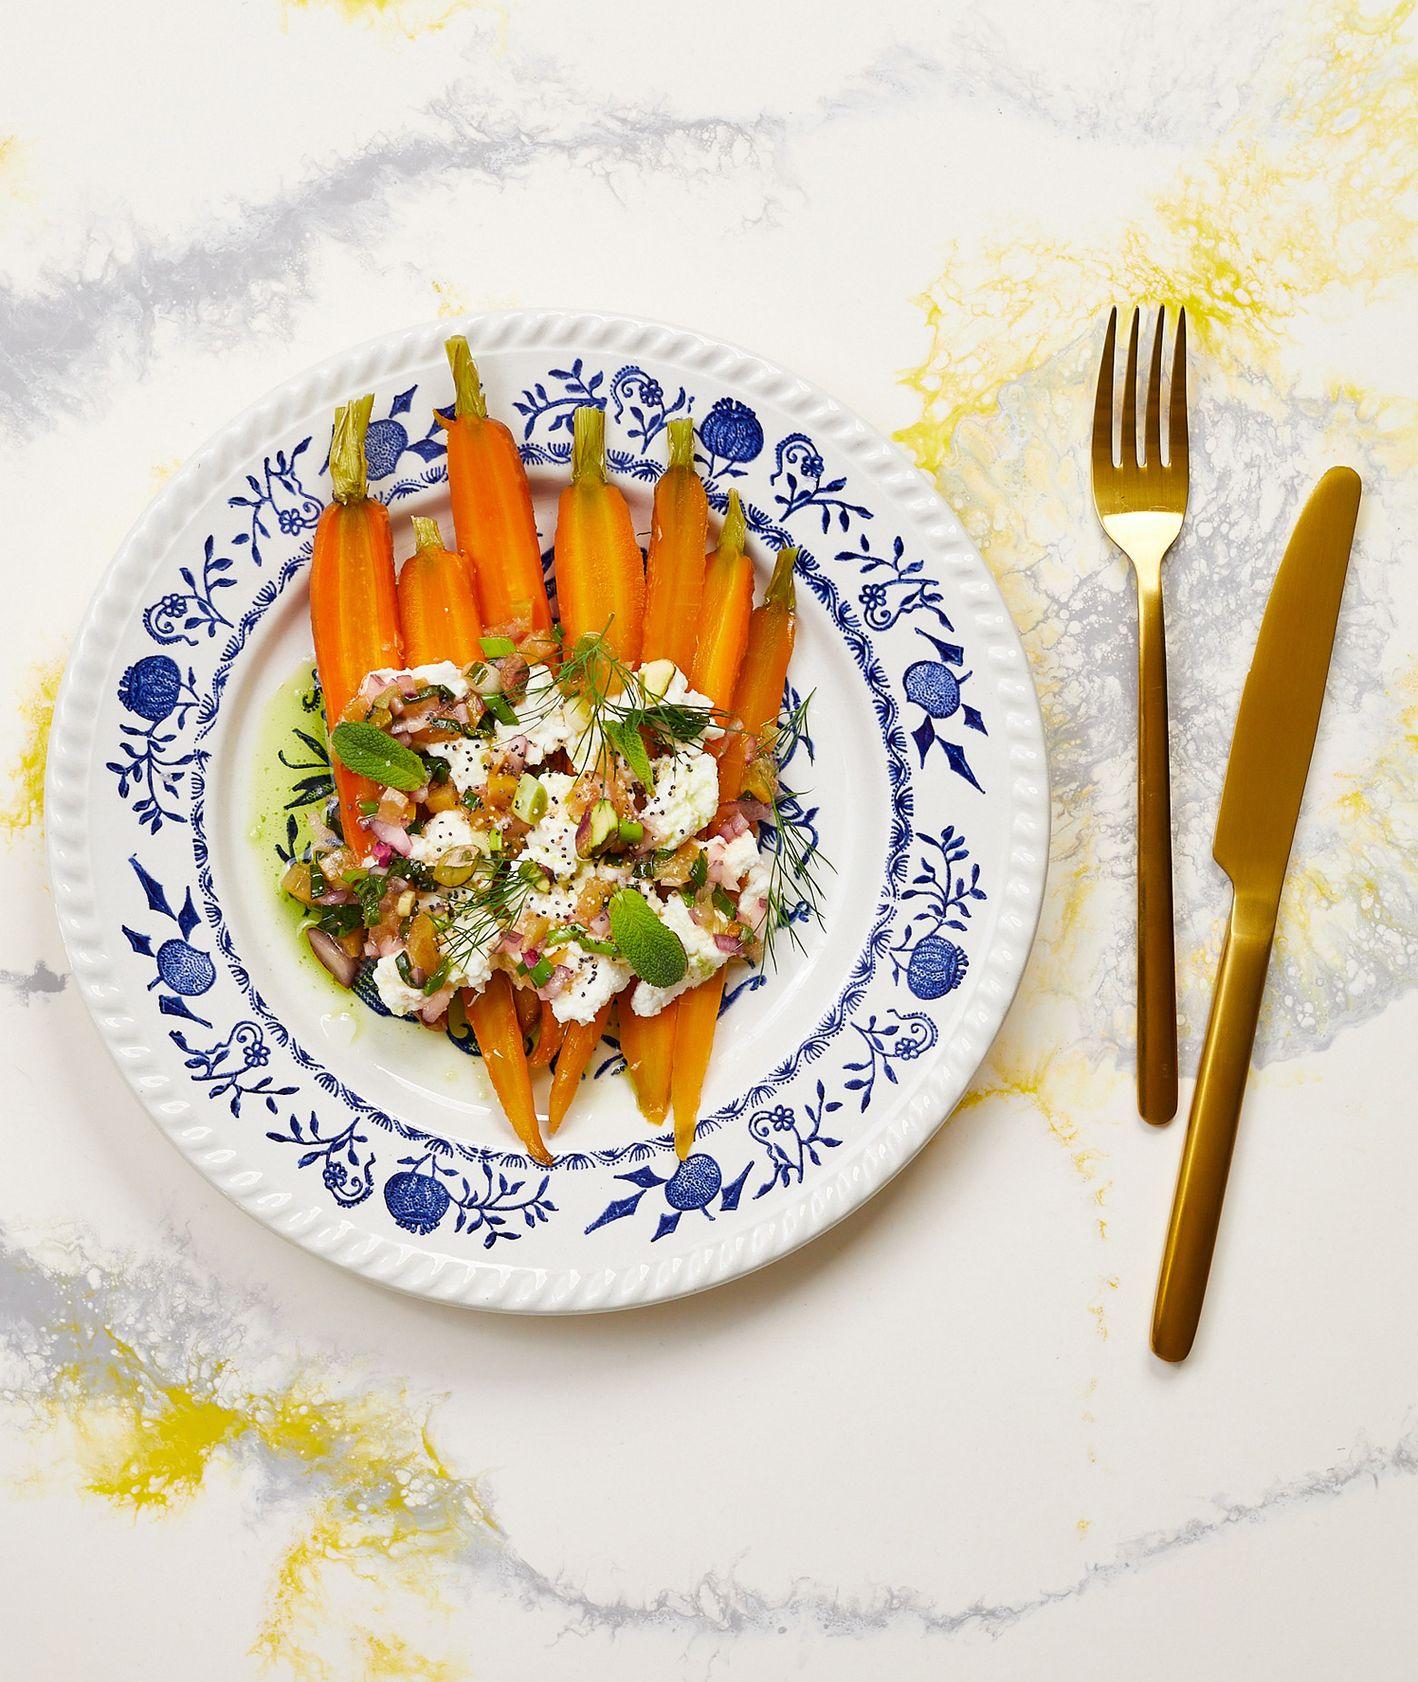 Bibenda. Piklowane kuminowe marchewki z ricottą i salsą z kiszonych cytryn (fot. Maciek Niemojewski)